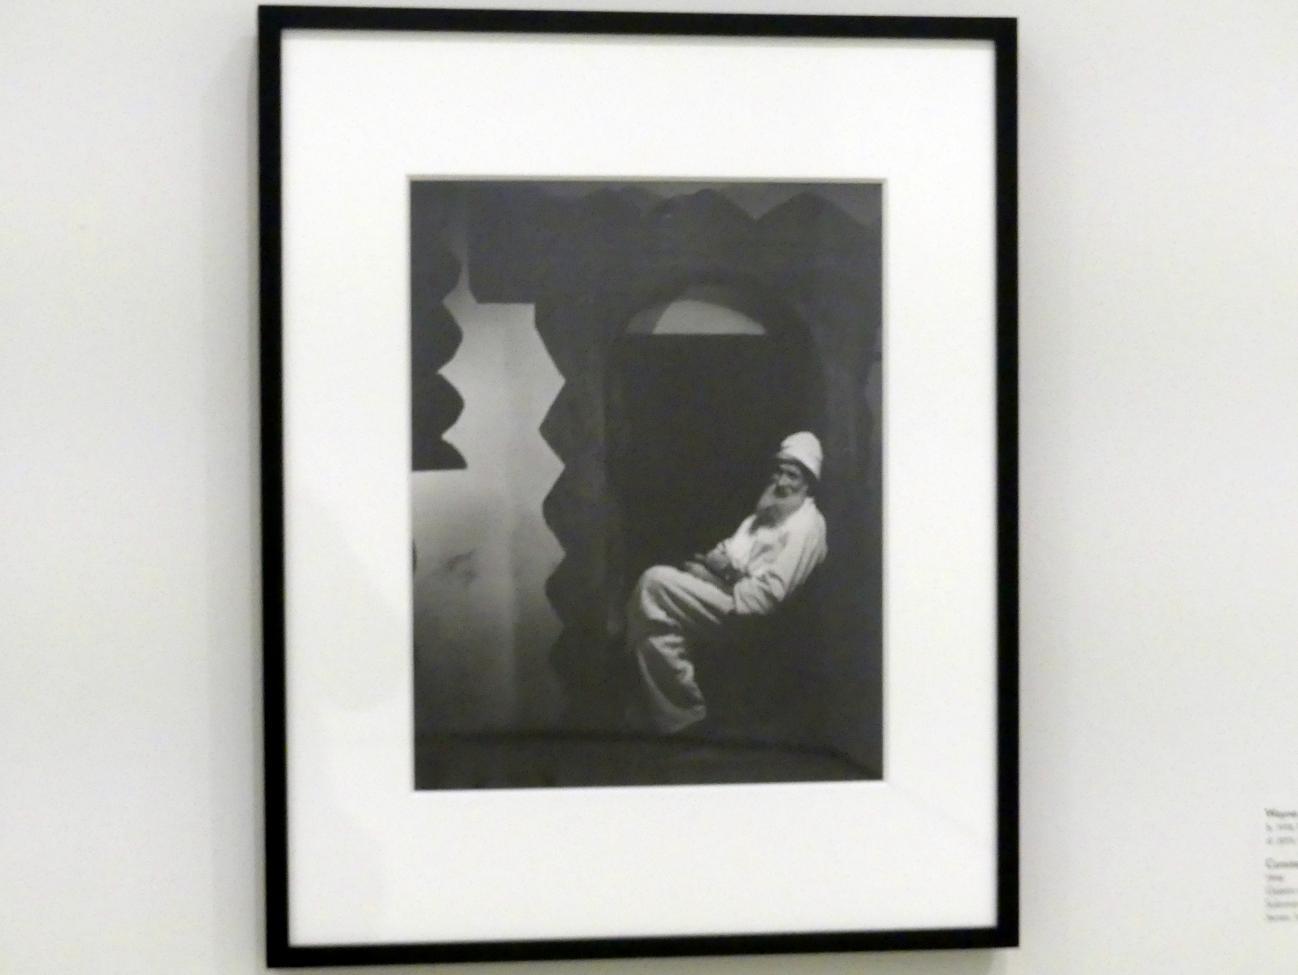 Wayne F. Miller: Constantin Brancusi vor der Türöffnung, 1946